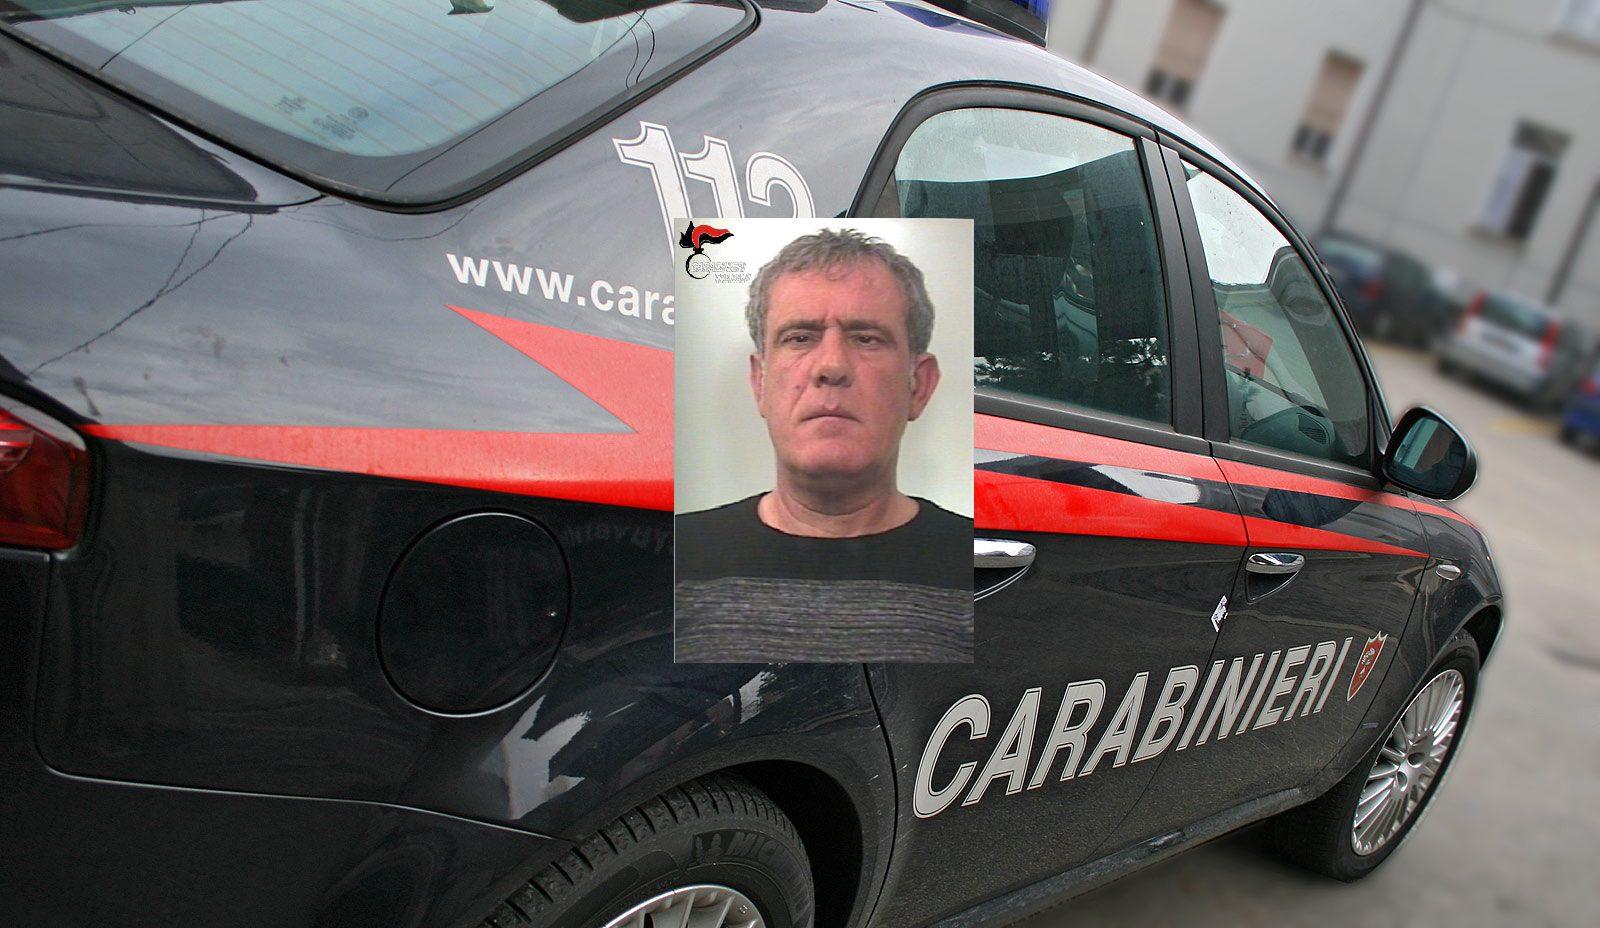 Omicidio maresciallo Mirarchi, arrestati Nicolò Girgenti e Fabrizio Messina Denaro